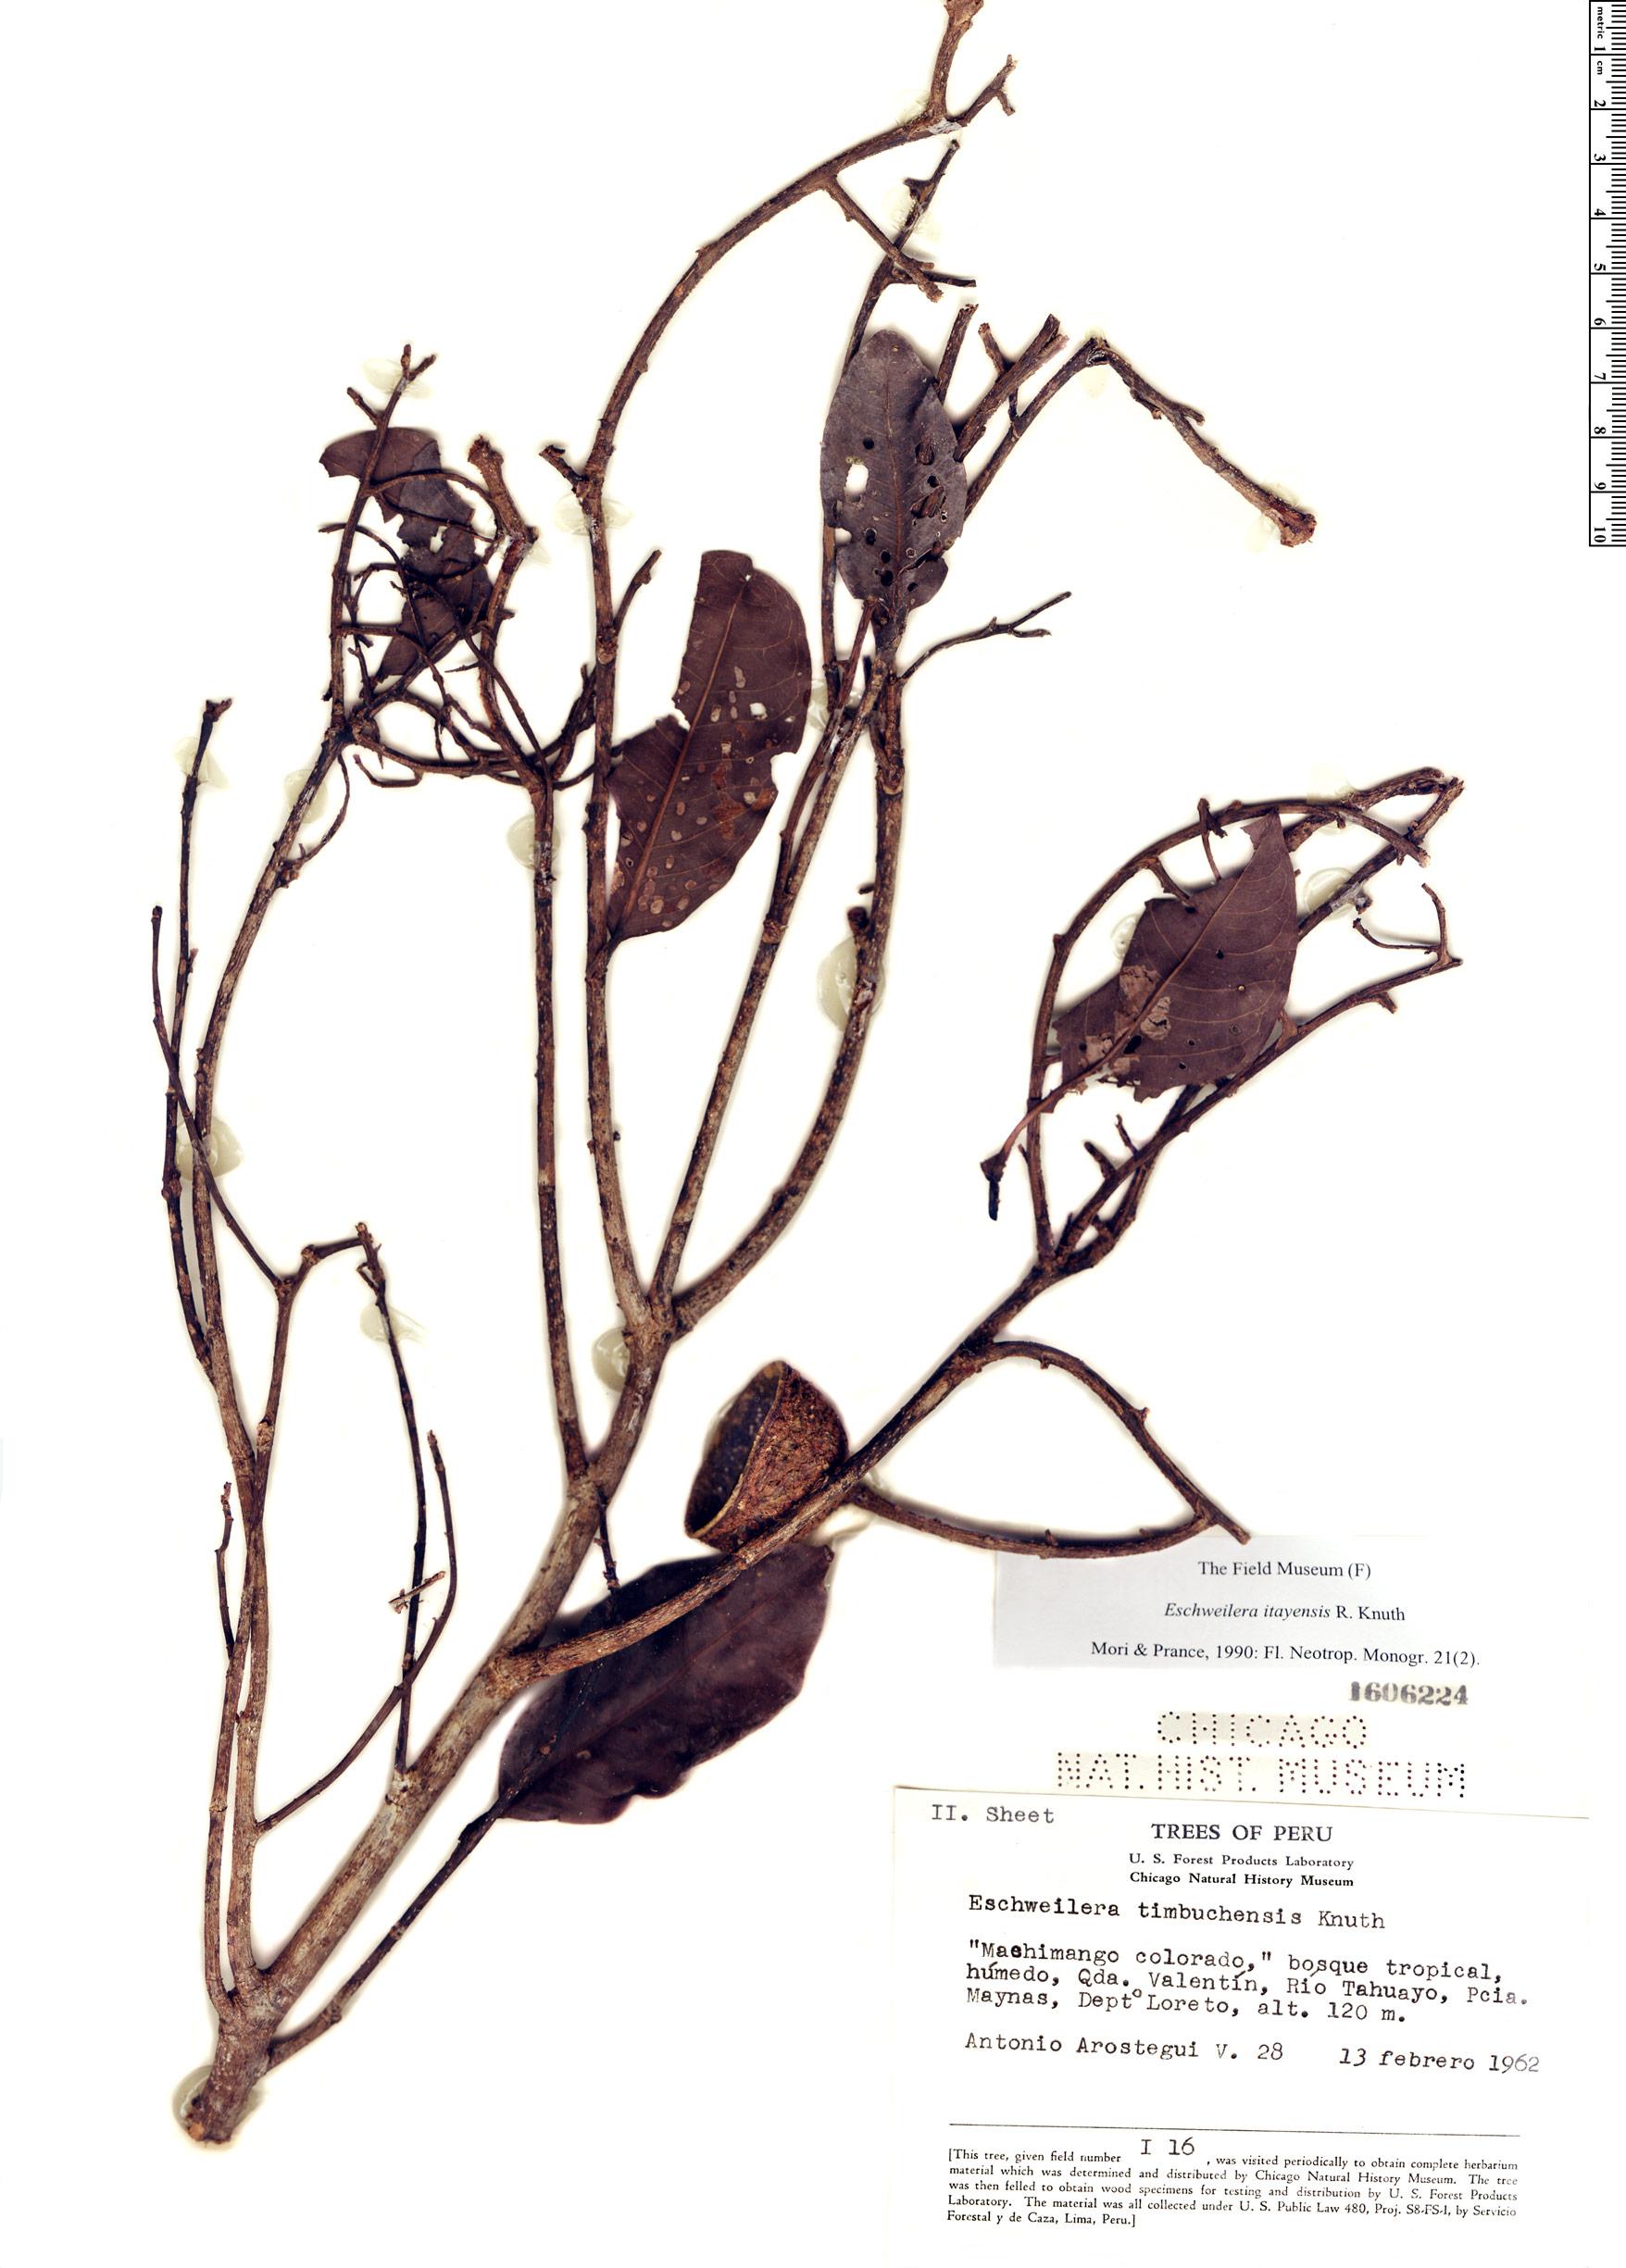 Specimen: Eschweilera itayensis